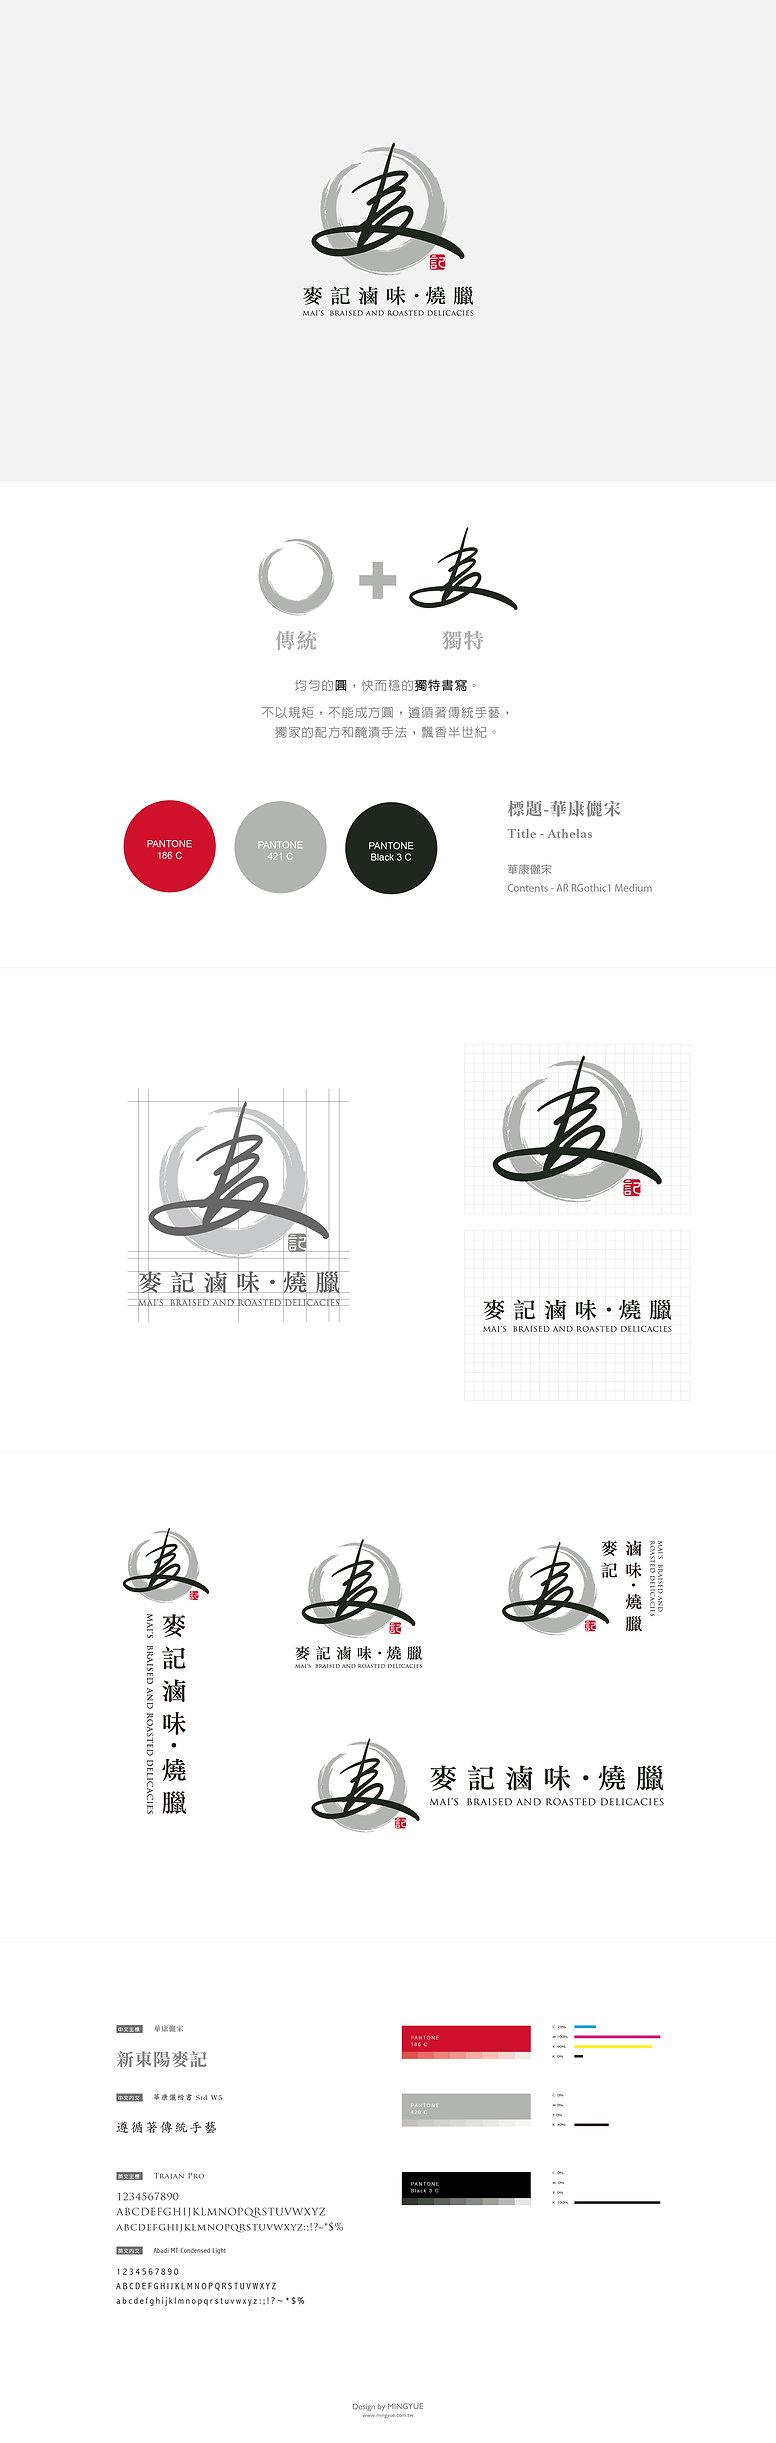 新東陽麥記品牌設計.jpg